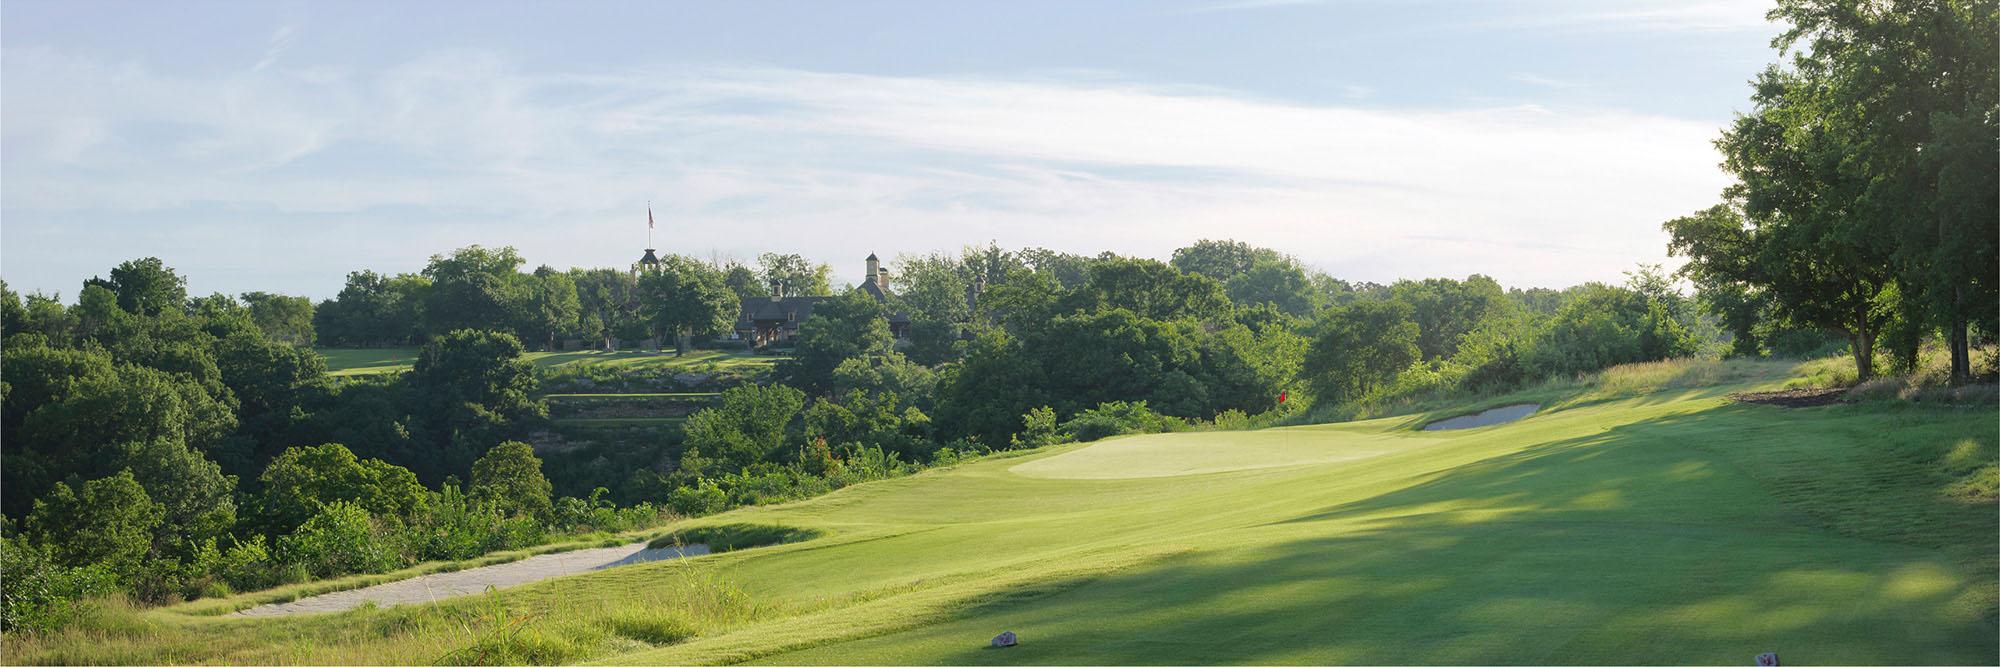 Golf Course Image - Patriot No. 17